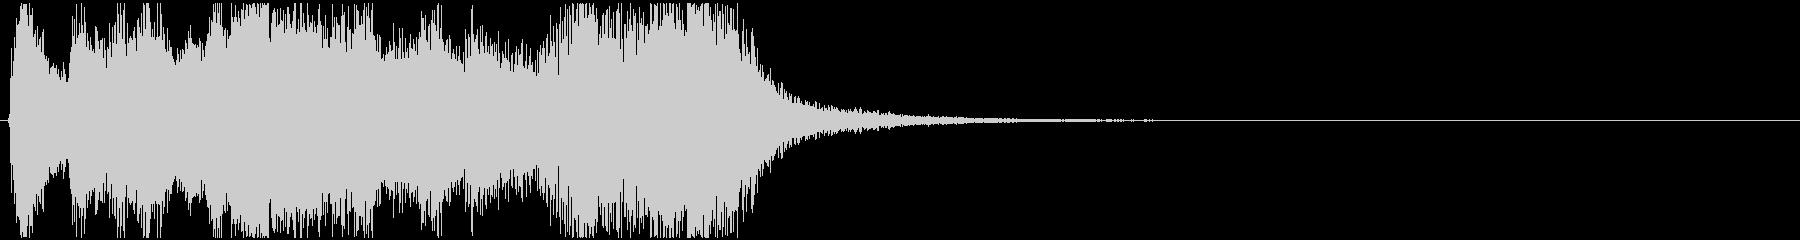 ジングル_ファンファーレ027の未再生の波形